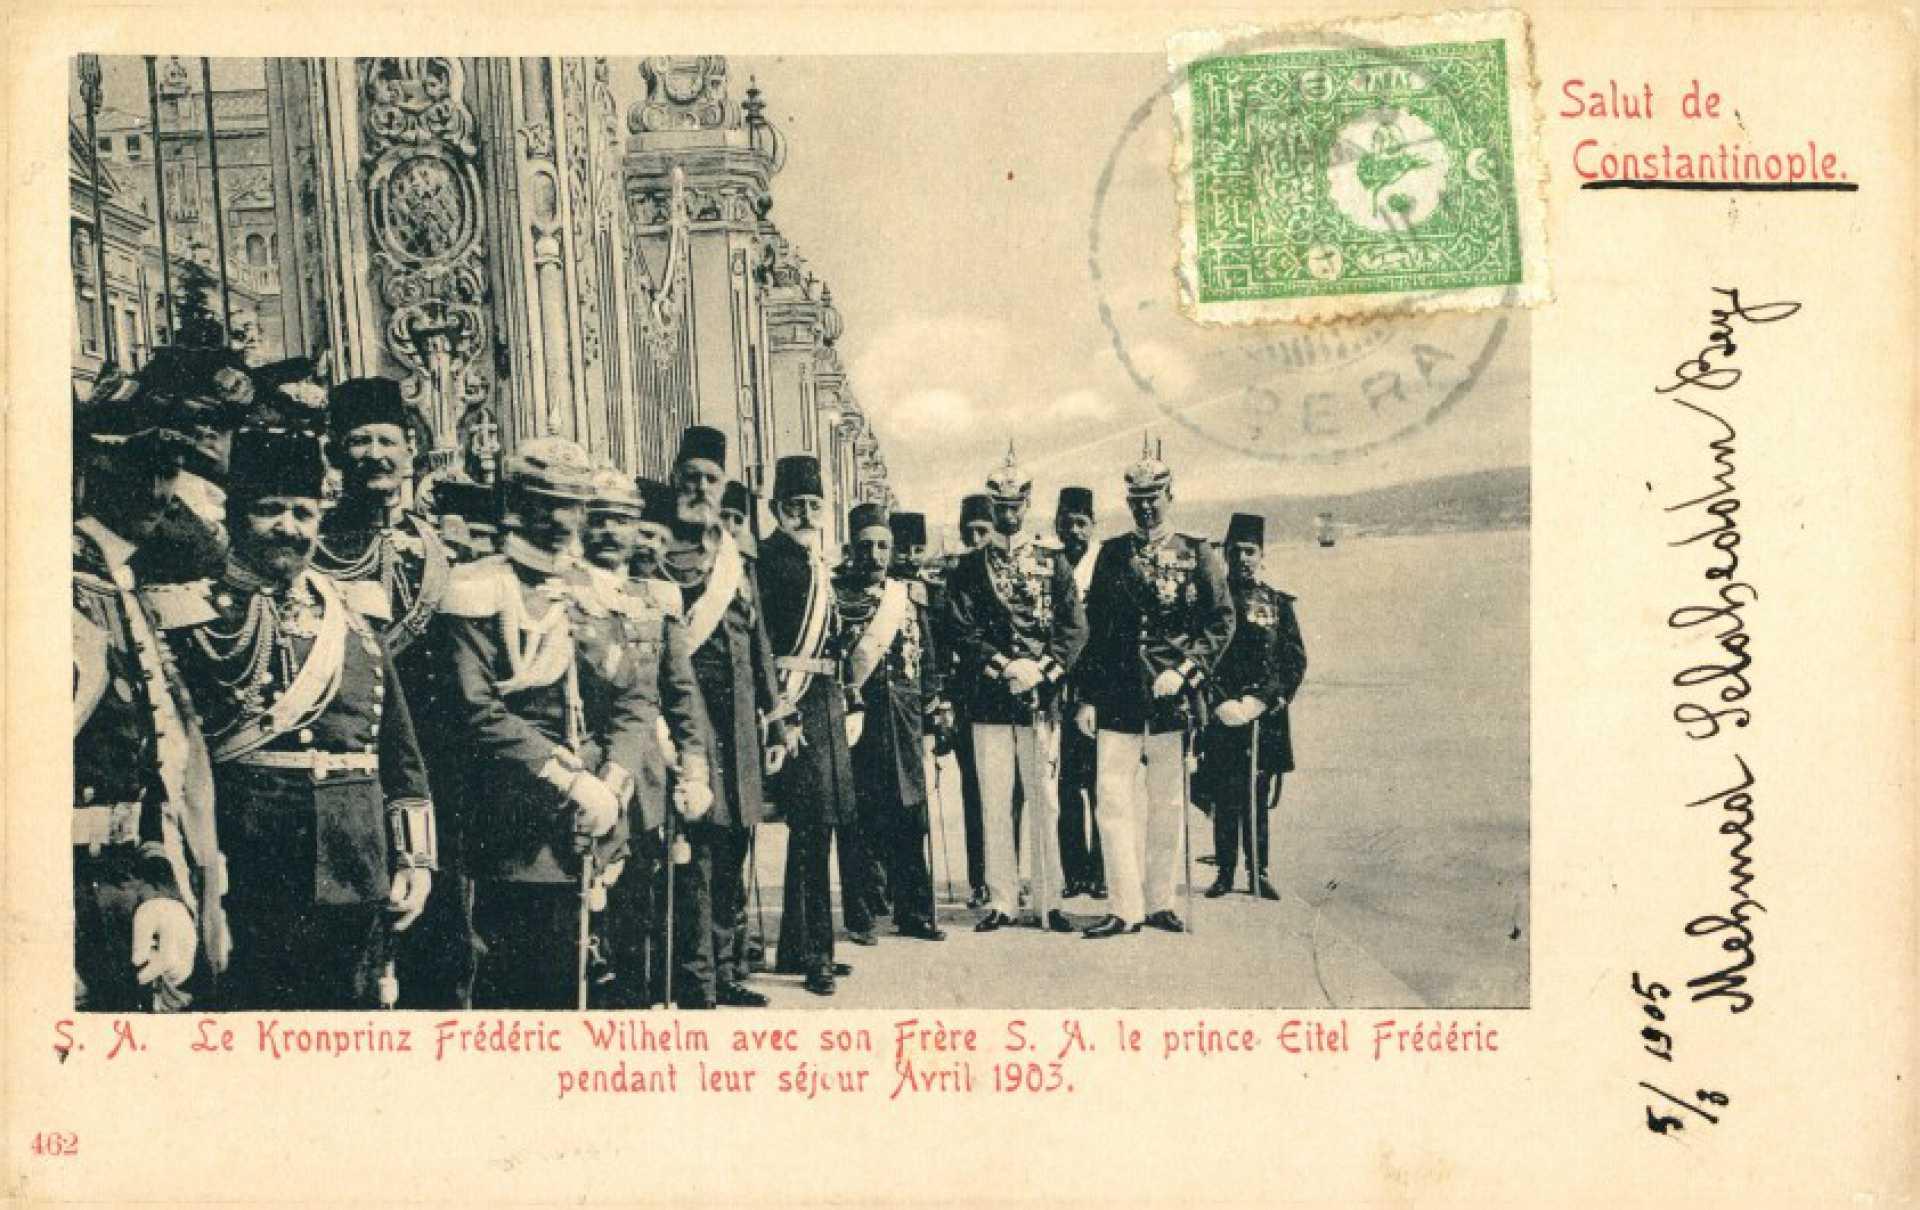 S.A. Le Kronprinz Frederic Wilhelm avec son Frere S.A. le prince Eitel Frederic pendant leur sejour